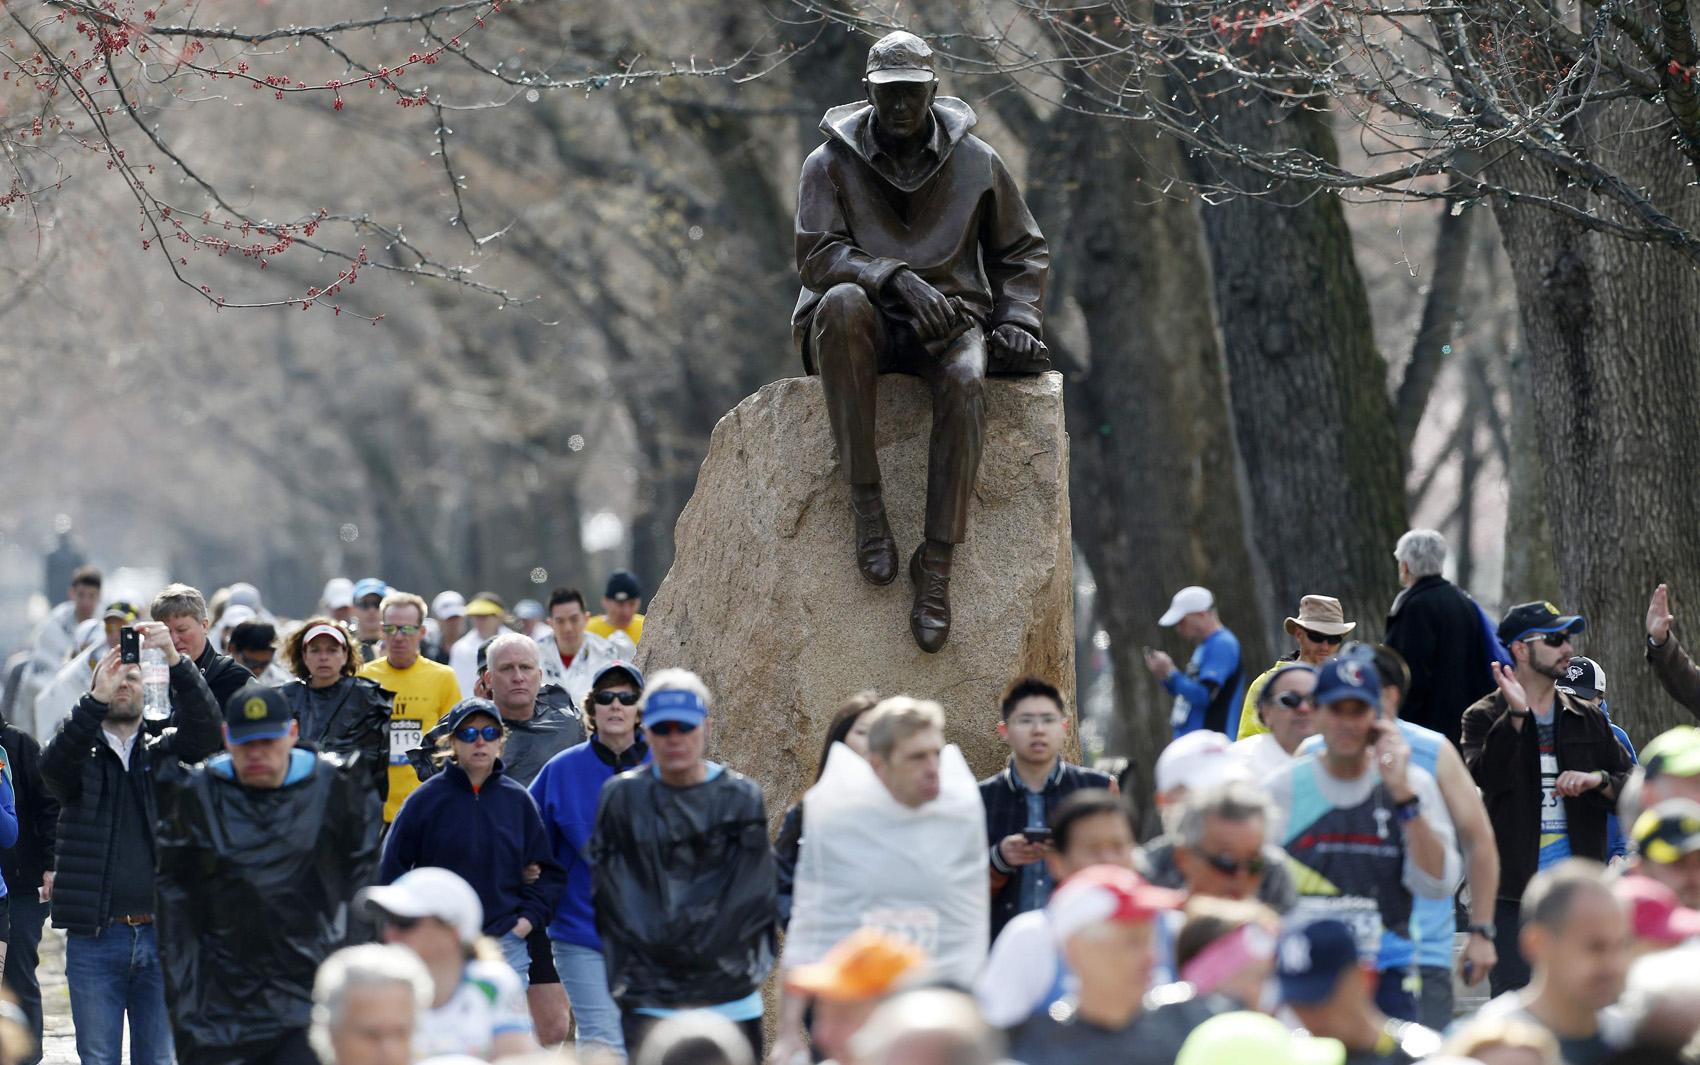 Atletas aguardam notícias sobre feridos durante explosões na Maratona de Boston.